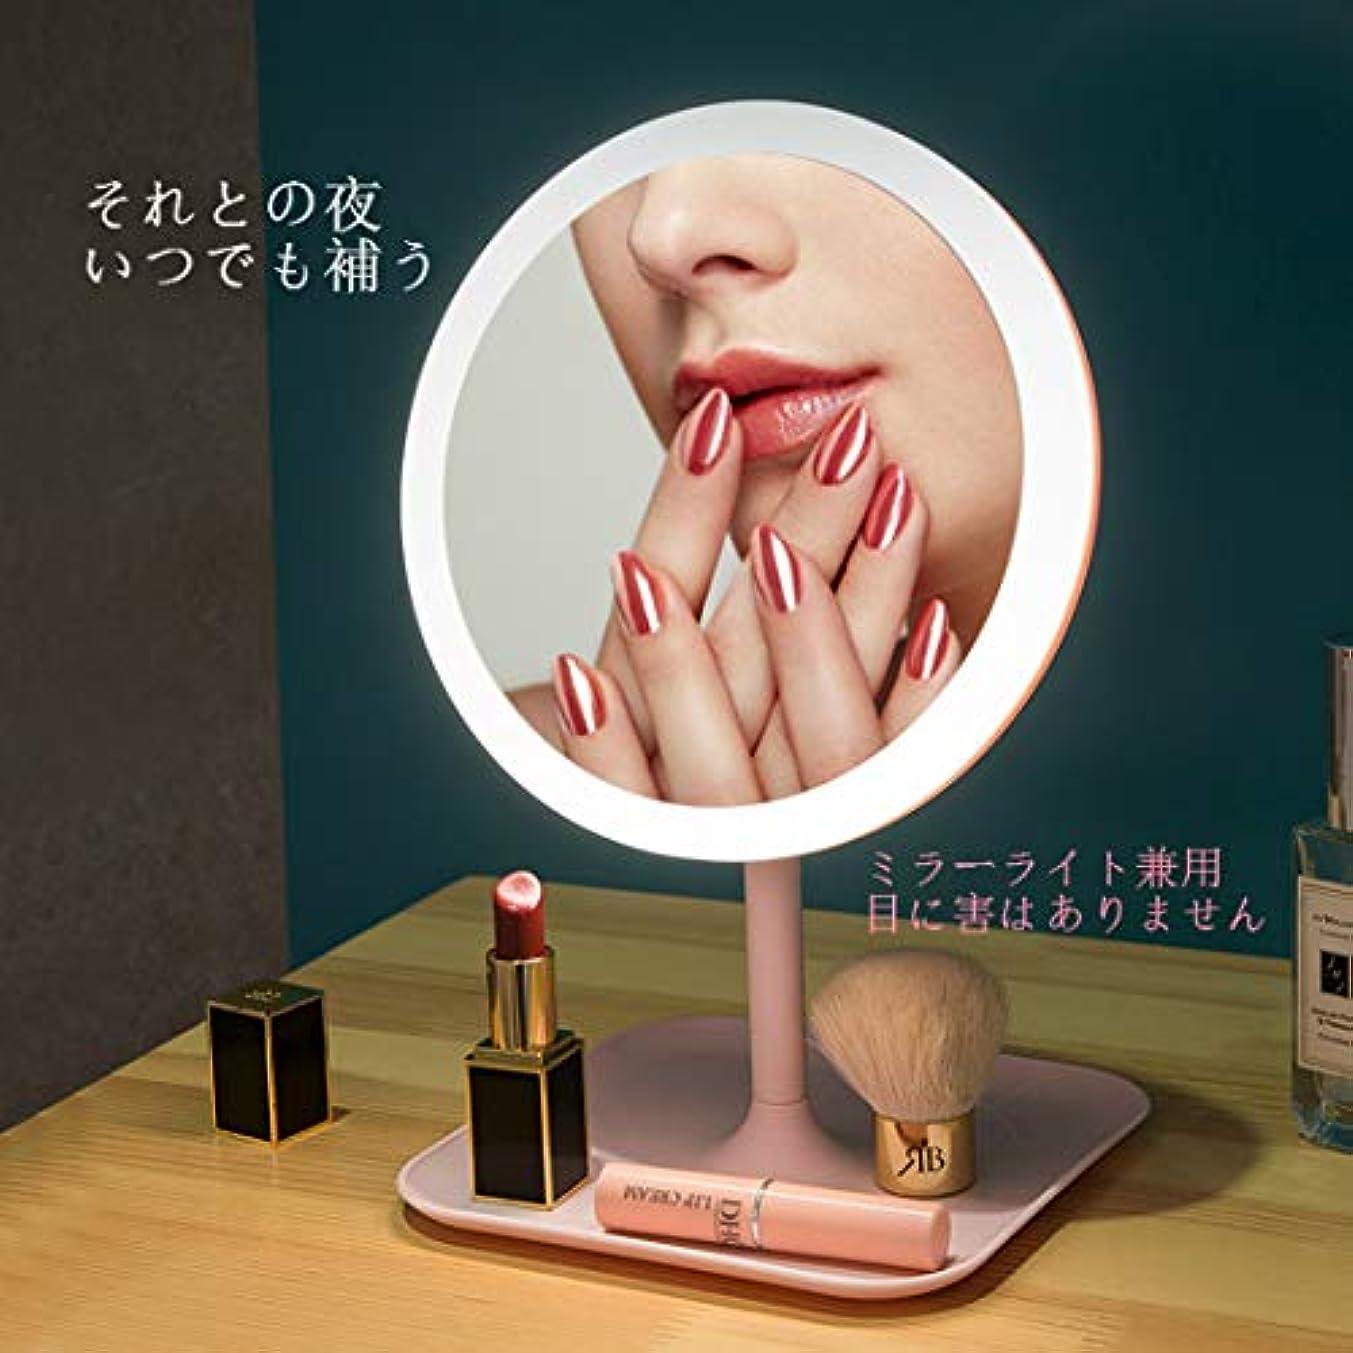 タウポ湖オデュッセウスジェーンオースティン化粧鏡 化粧ミラー 鏡 女優ミラー 卓上ミラー ライトの明るさを調節可能 180°回転 LEDライト付き USB充電式 無段階調光 (白い, 三色光)